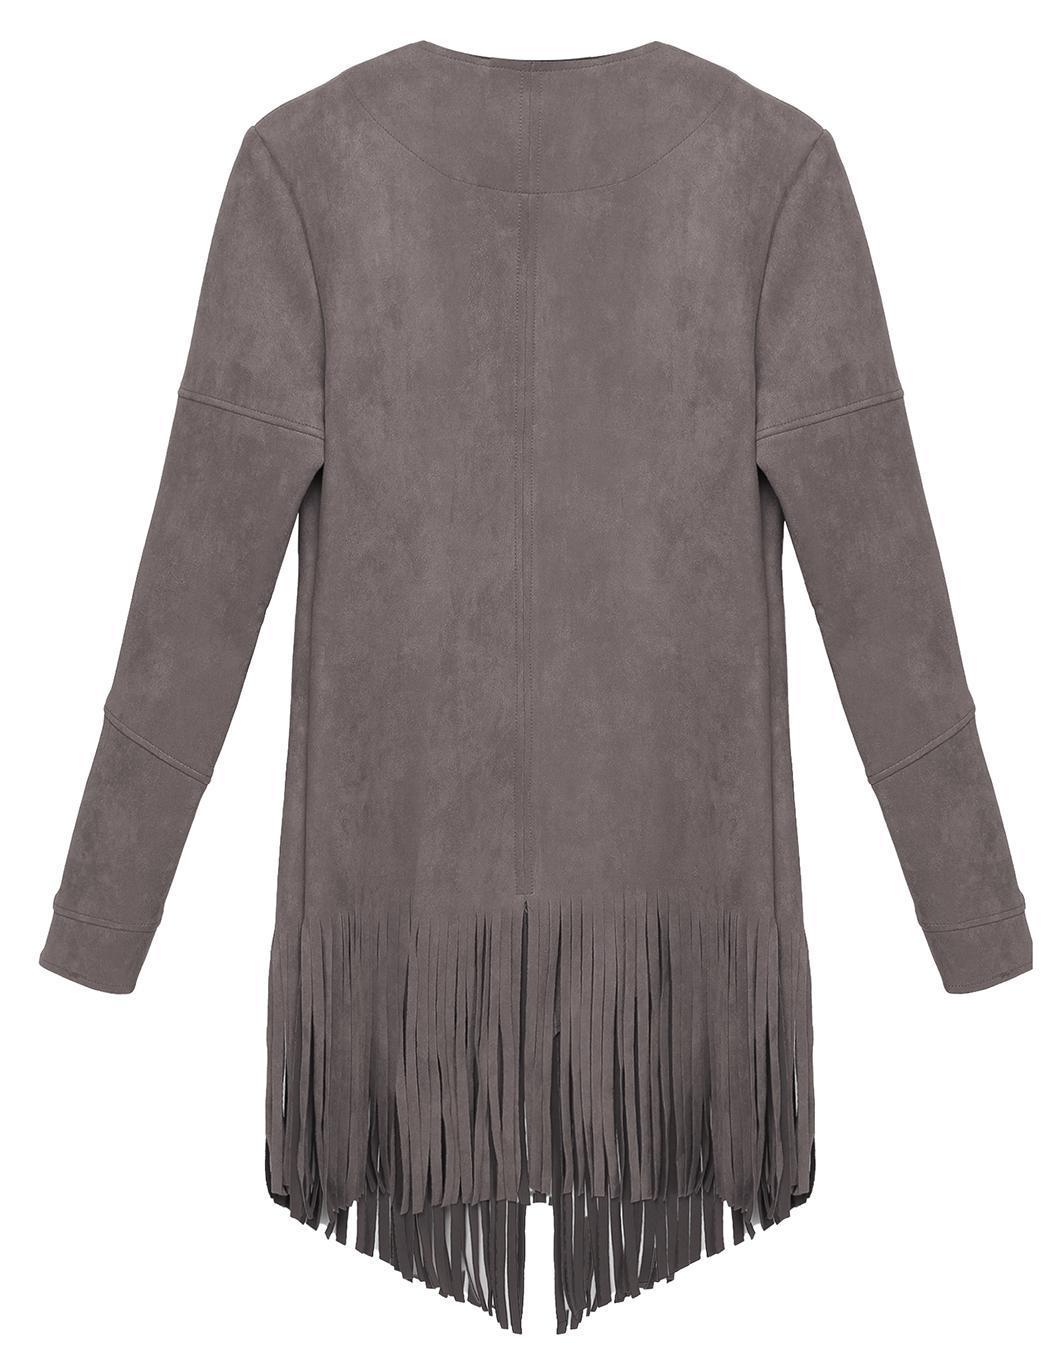 Women Casual Cardigan Long Sleeve Solid Tassel Long Coat 2